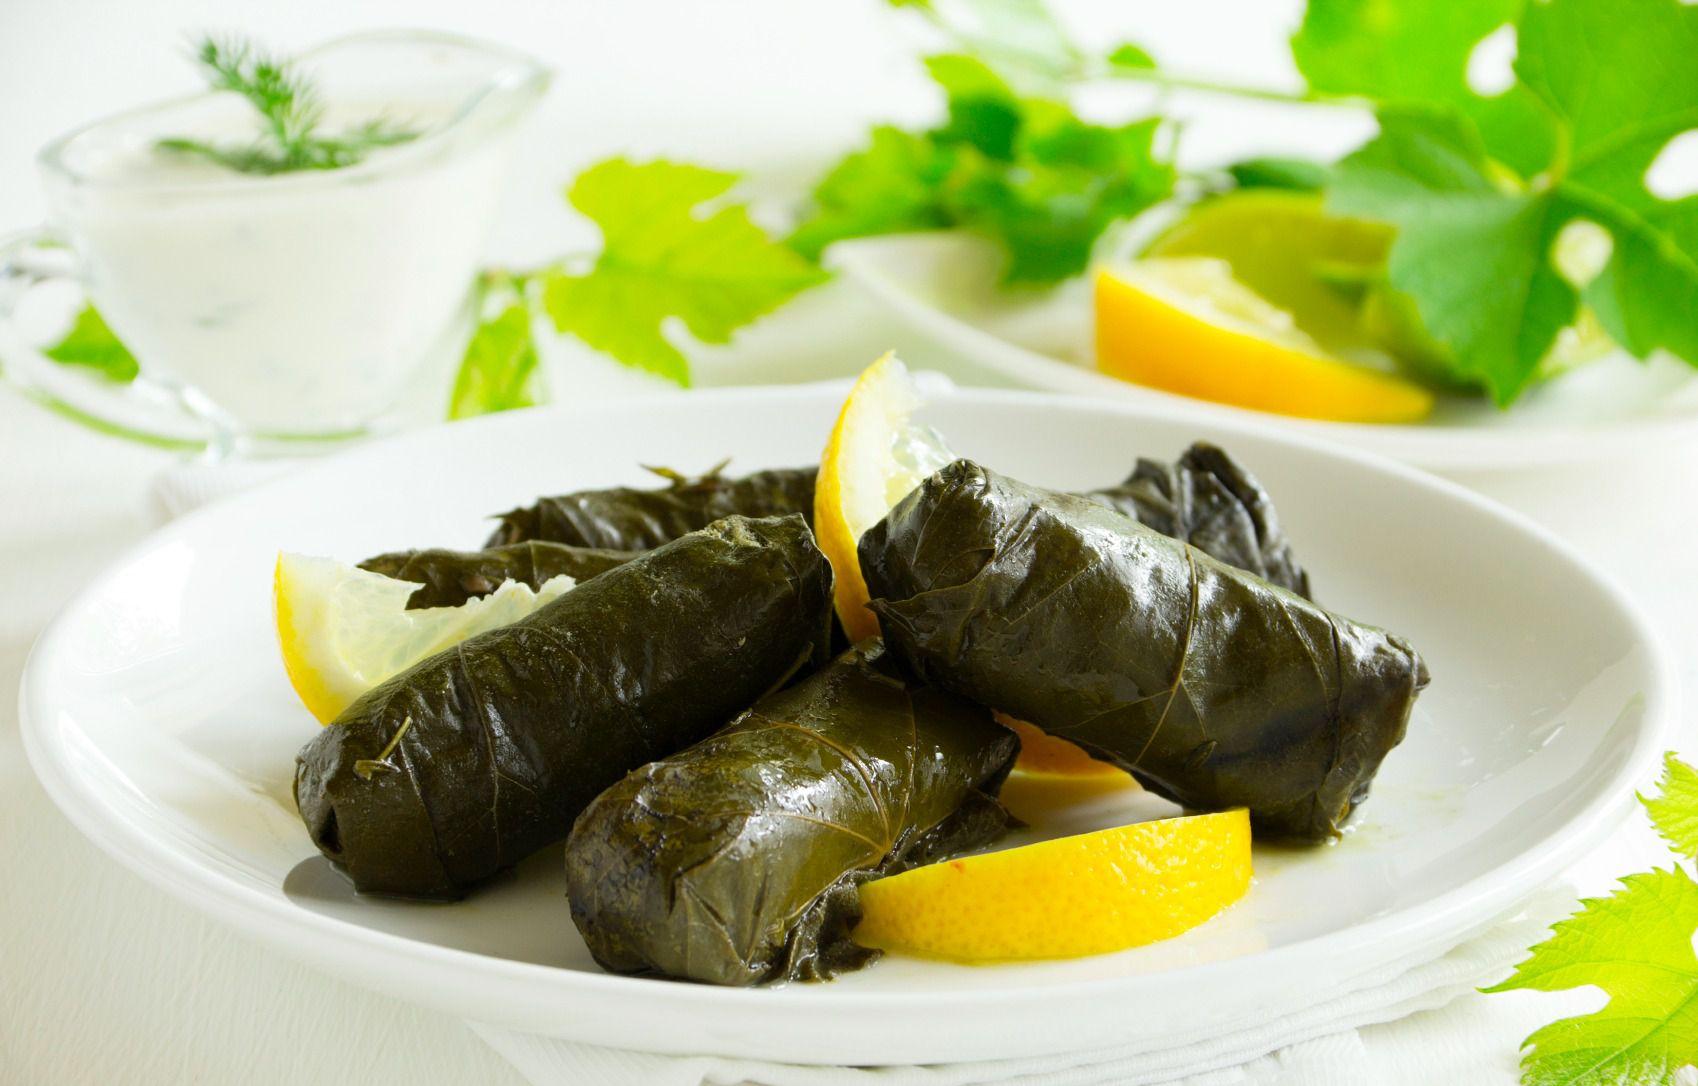 Food Tour on Coastal Turkey